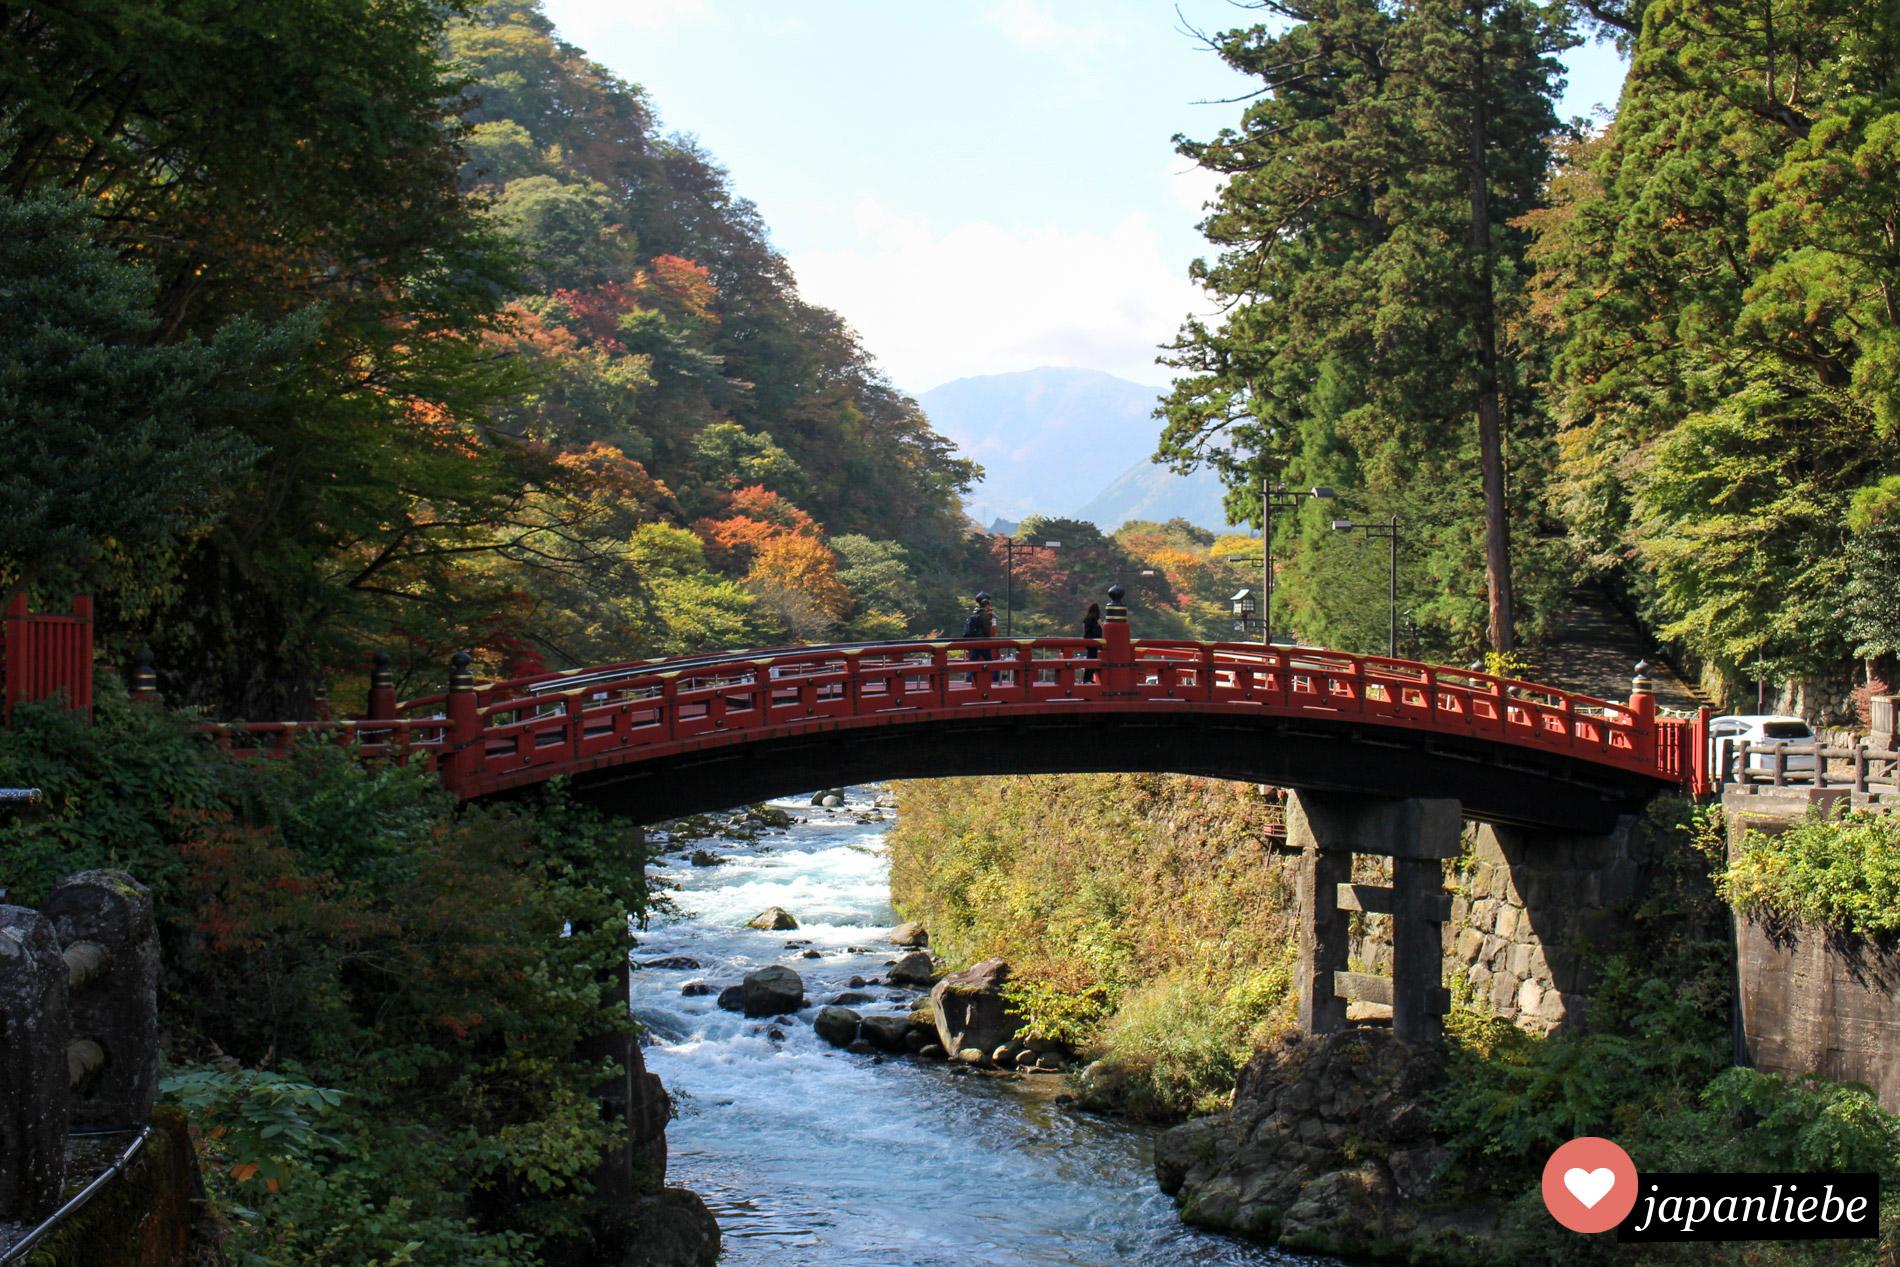 Bei Herbstlaub noch schöner als sonst leuchtet das Rot der Shinkyo Brücke in Nikkō.